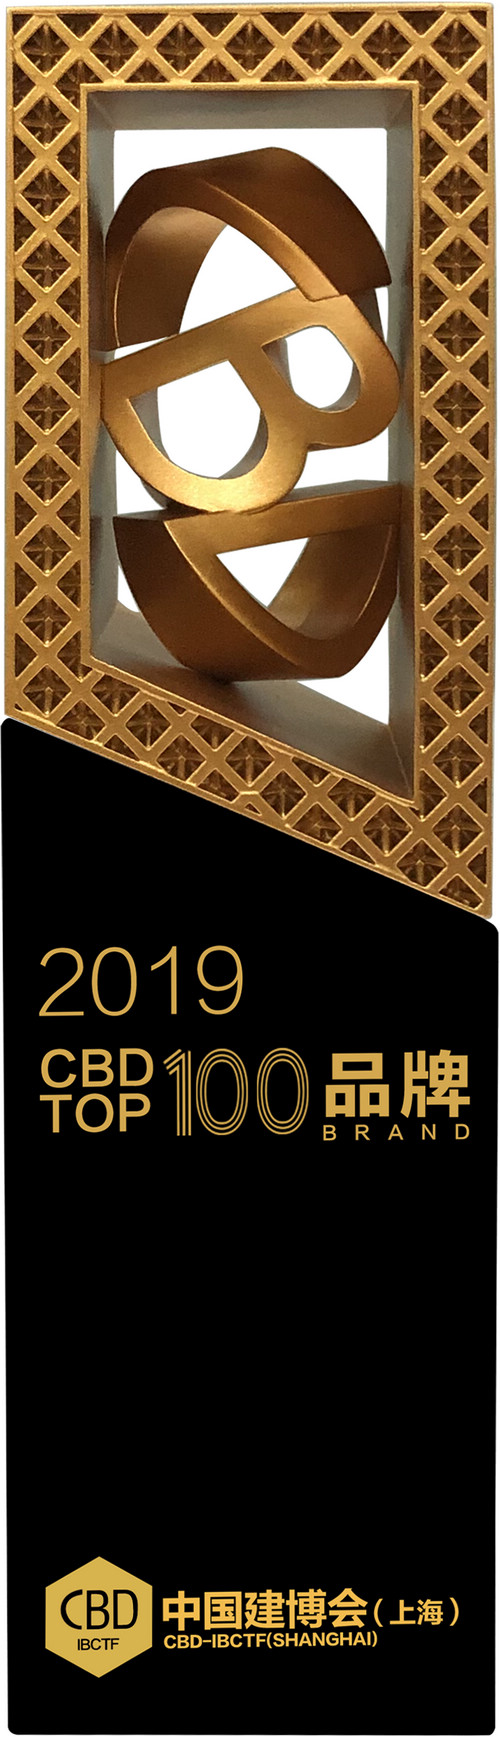 2019TOP100品牌